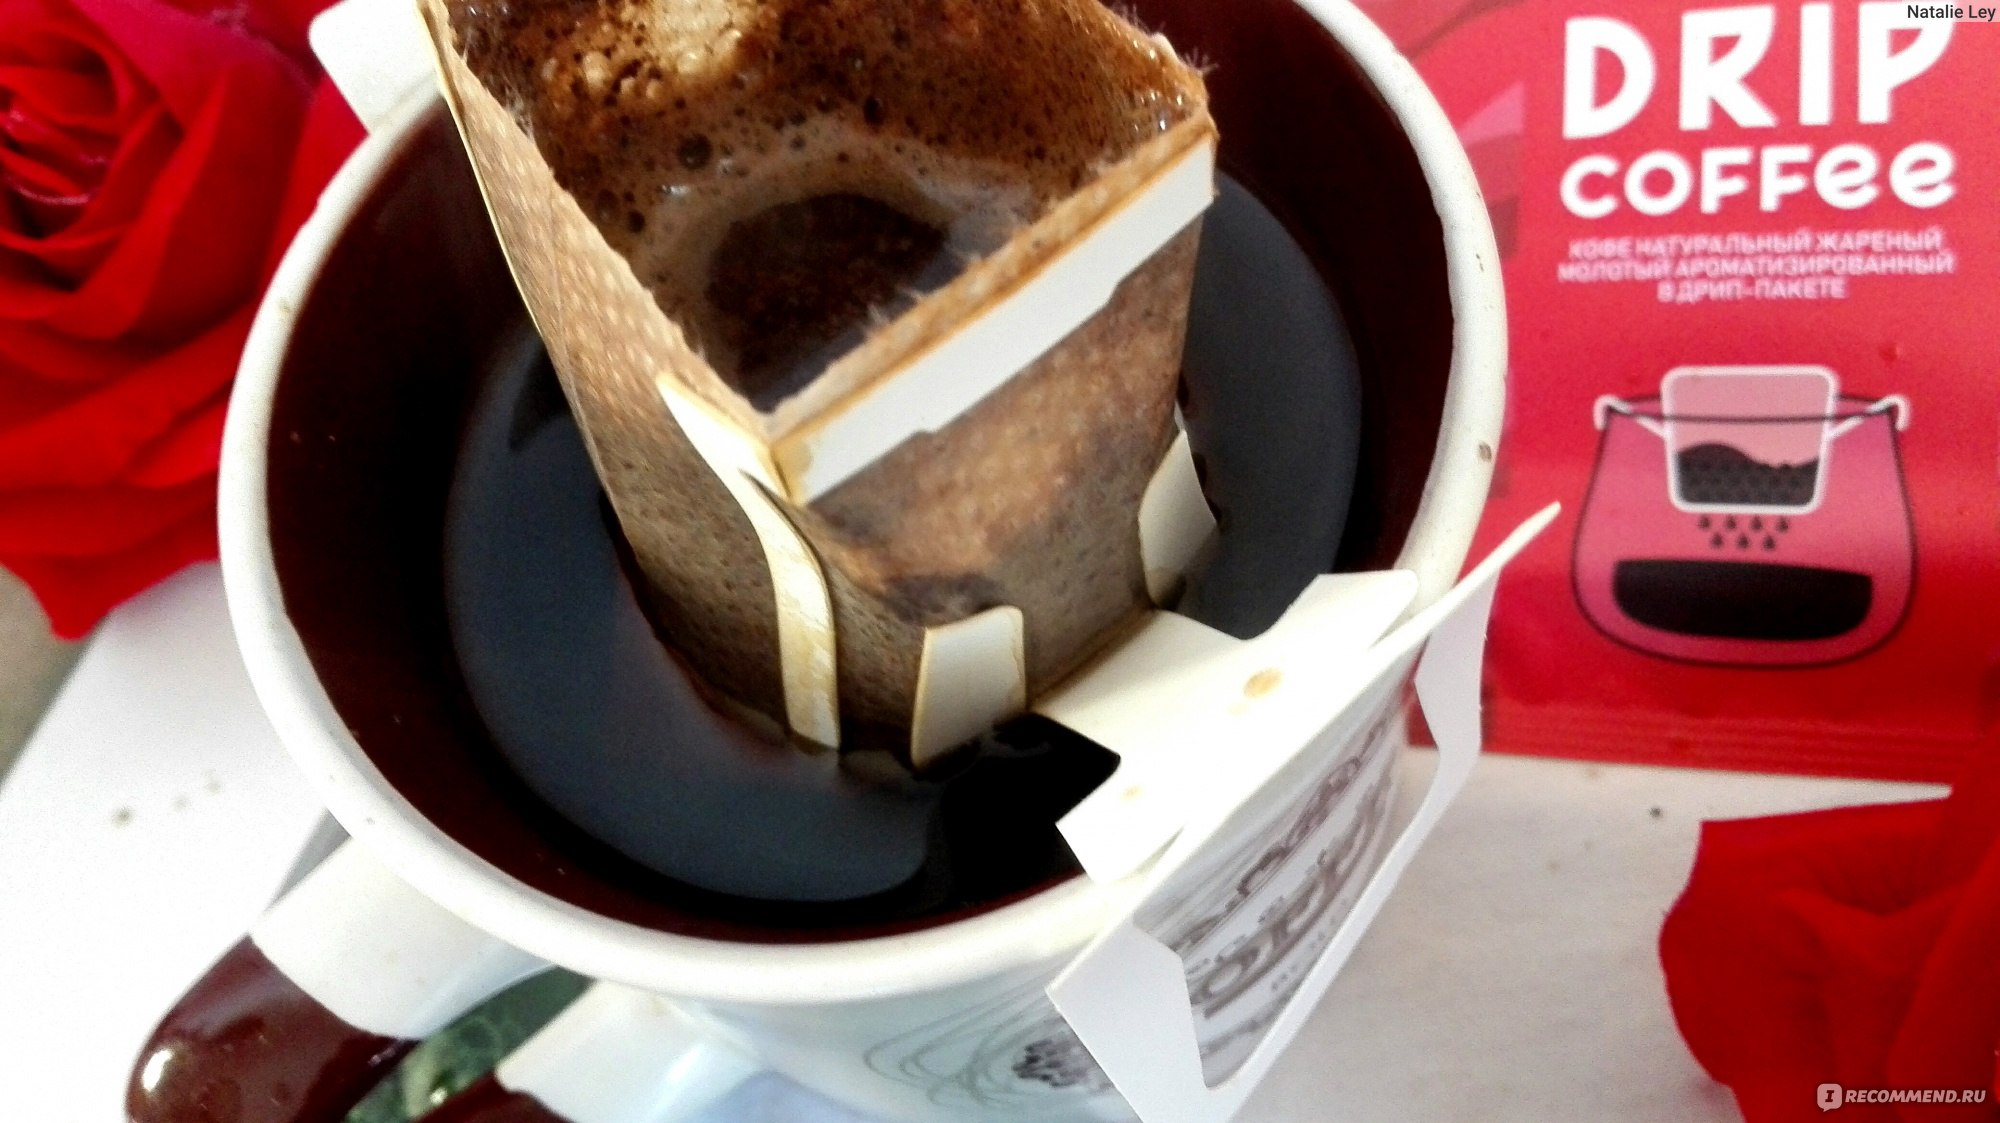 дрип кофе отзывы